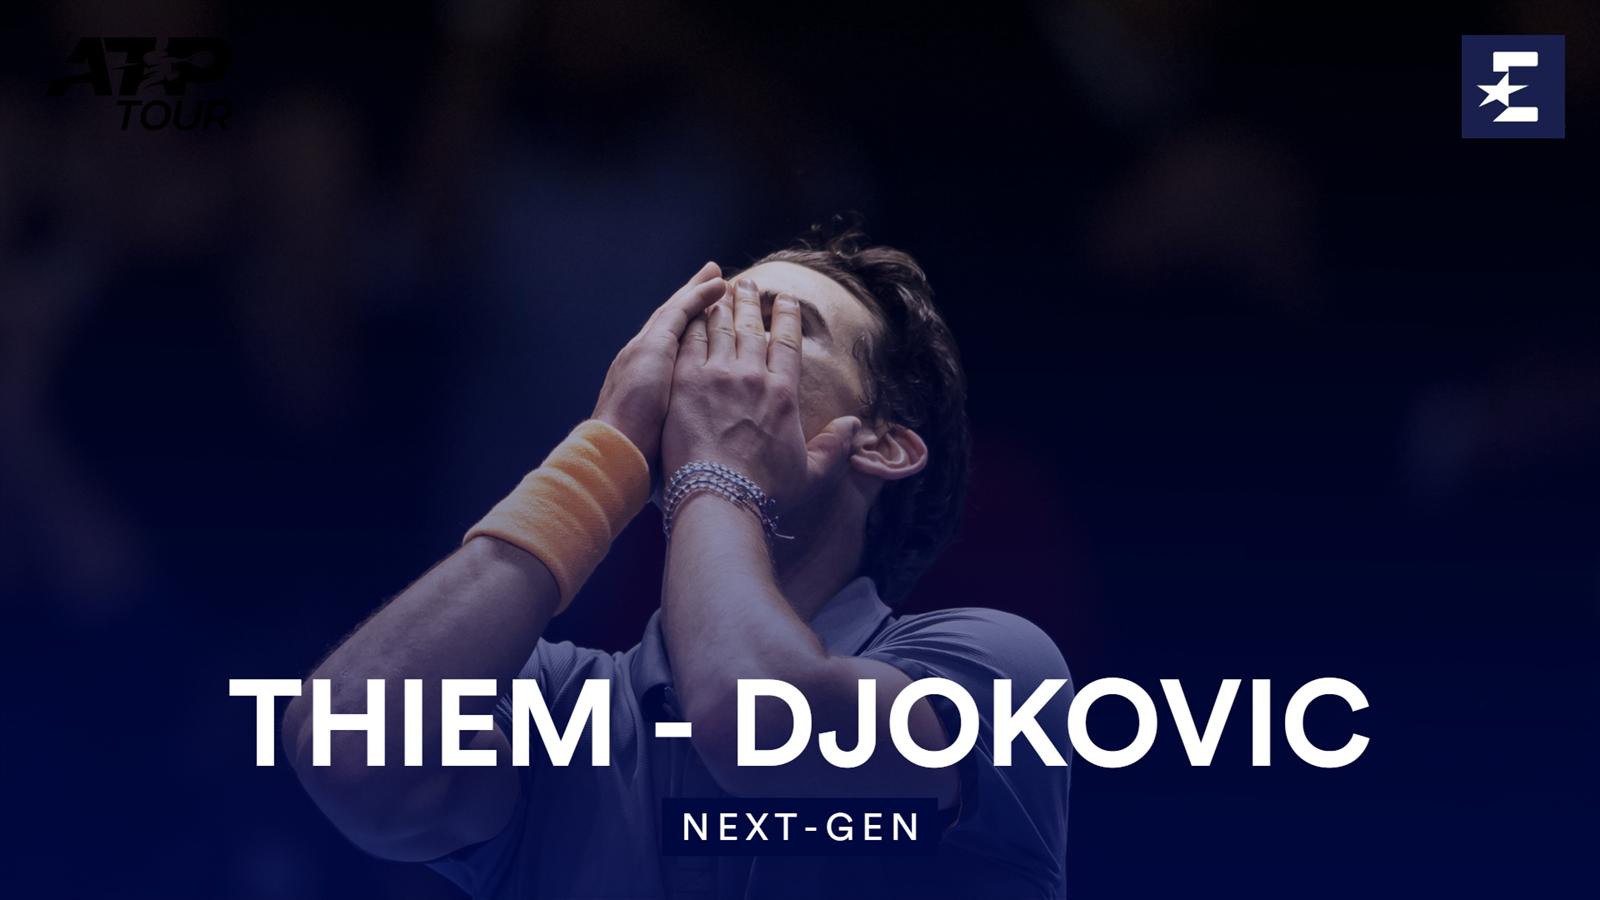 После победы над Федерером у Тима проснулся зверский аппетит, и он слопал еще и Джоковича